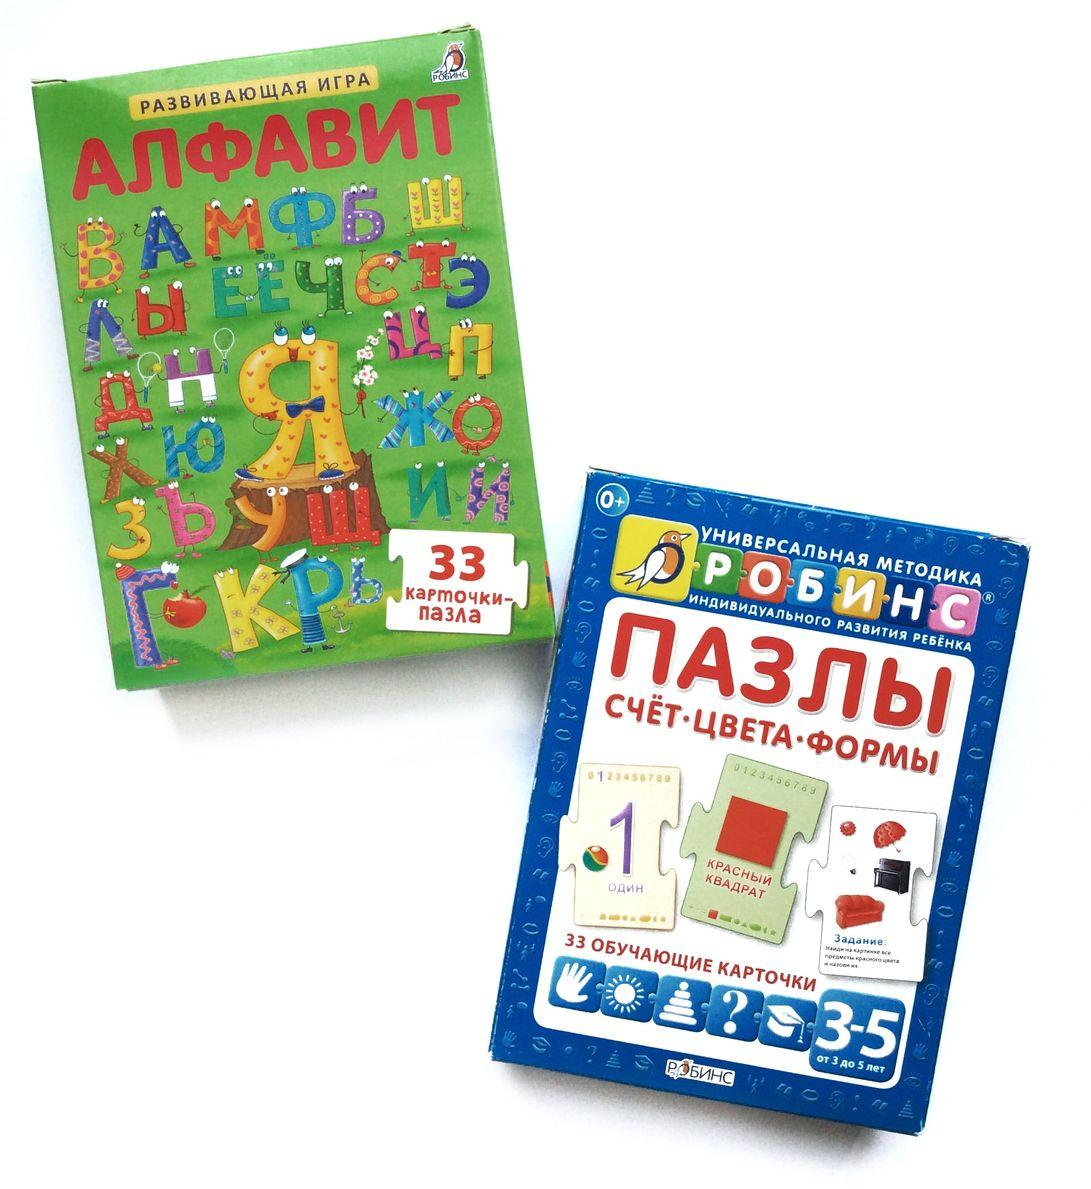 Комплект Пазлы. Алфавит и счет наборы карточек шпаргалки для мамы набор карточек детские потешки